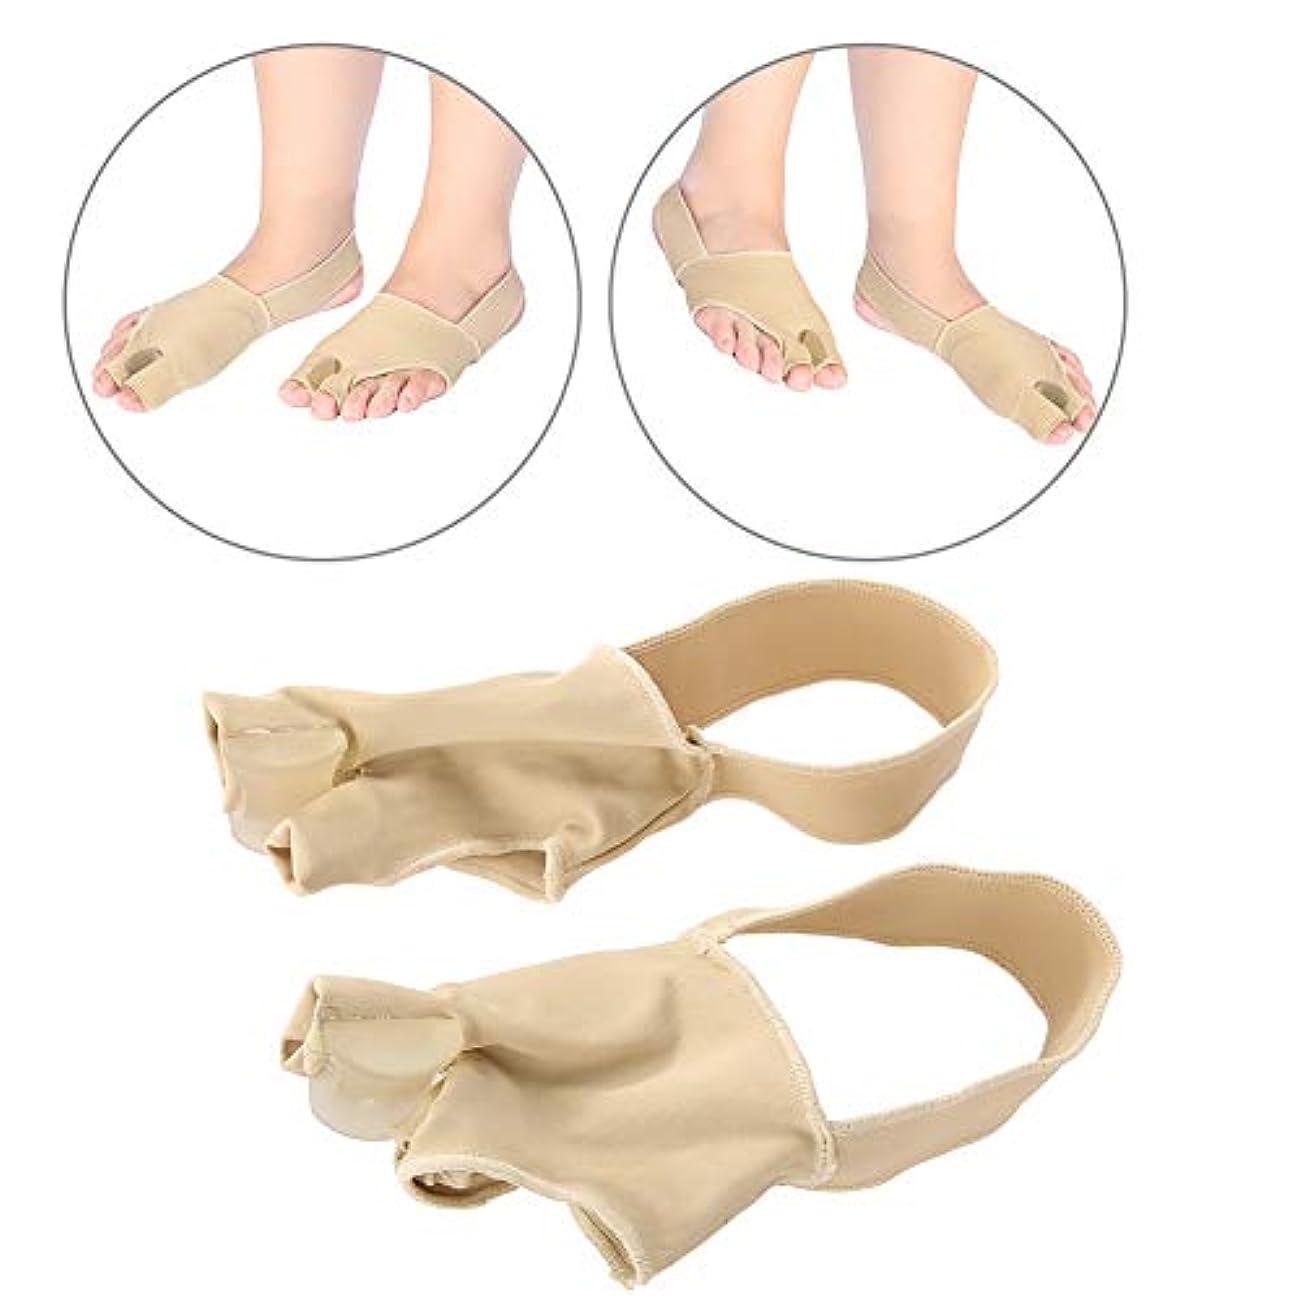 これら道徳顕現1対の外反母Val矯正器、親指のつま先セパレーター腱膜瘤整形外科用ブレース(L)